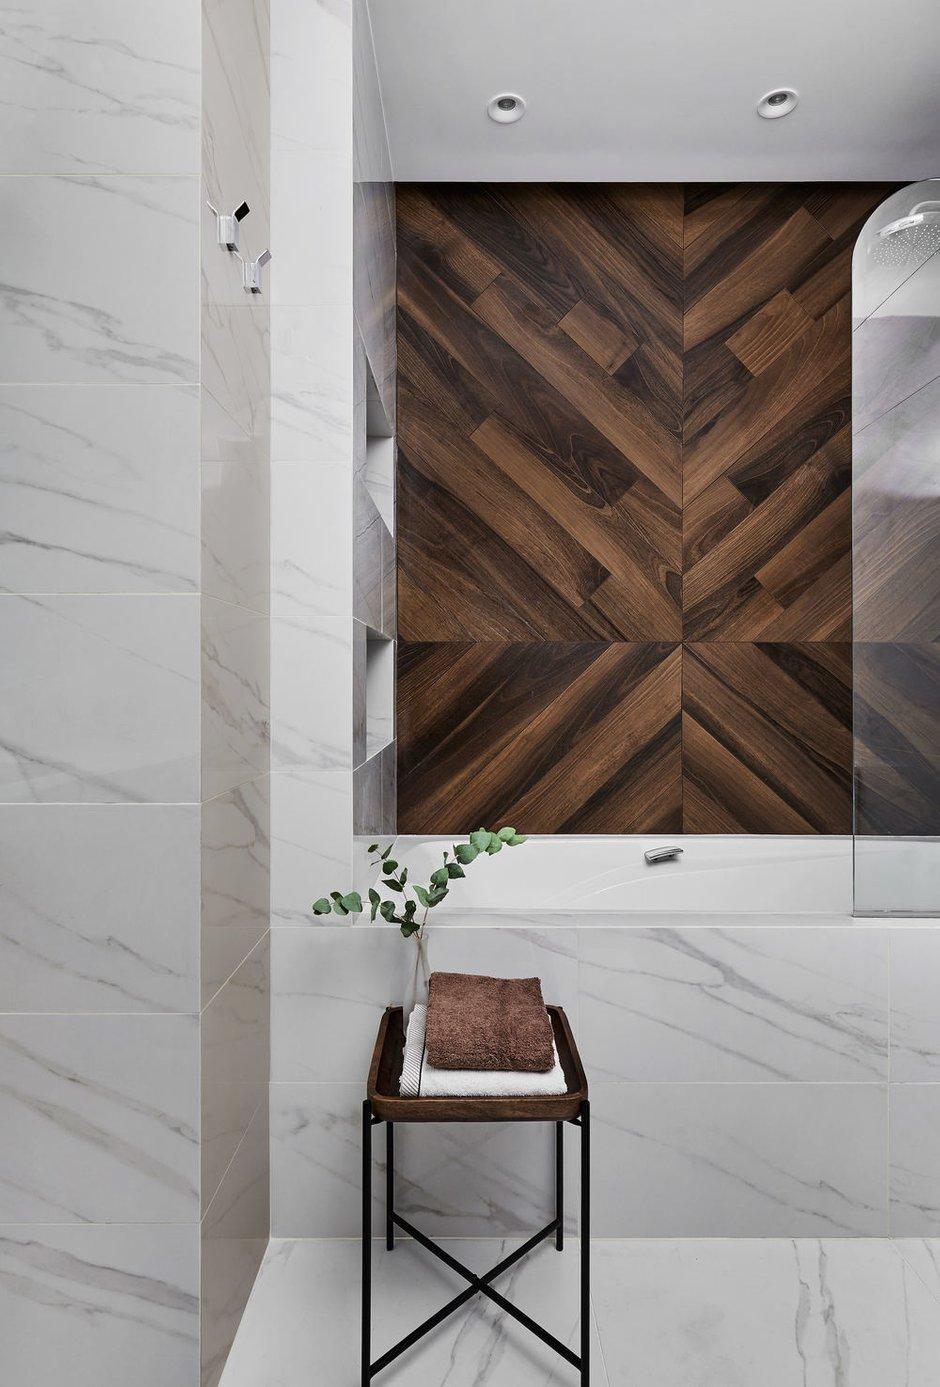 Плитку под орех также использовали в оформлении ванной комнаты, тем самым связав ее с остальным пространством квартиры и добавив законченности.